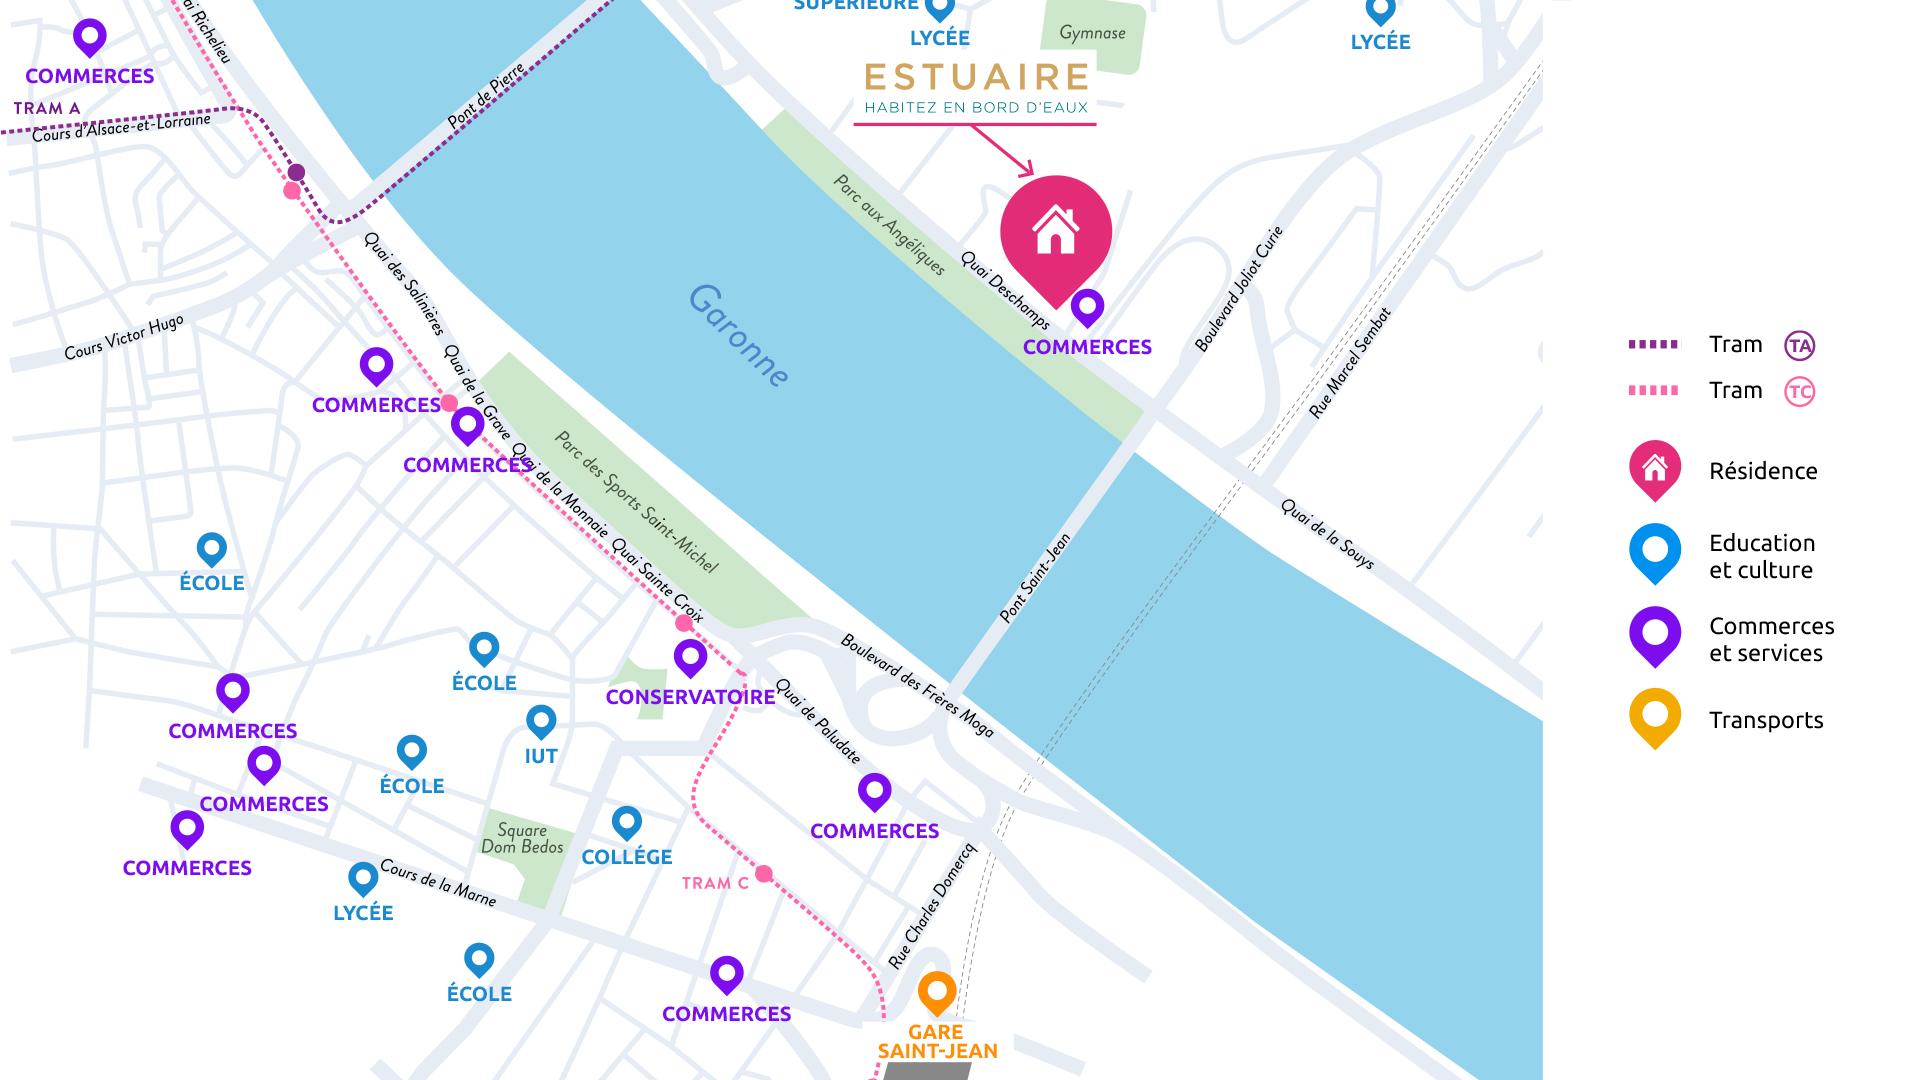 Estuaire Bordeaux BNP Paribas immobilier